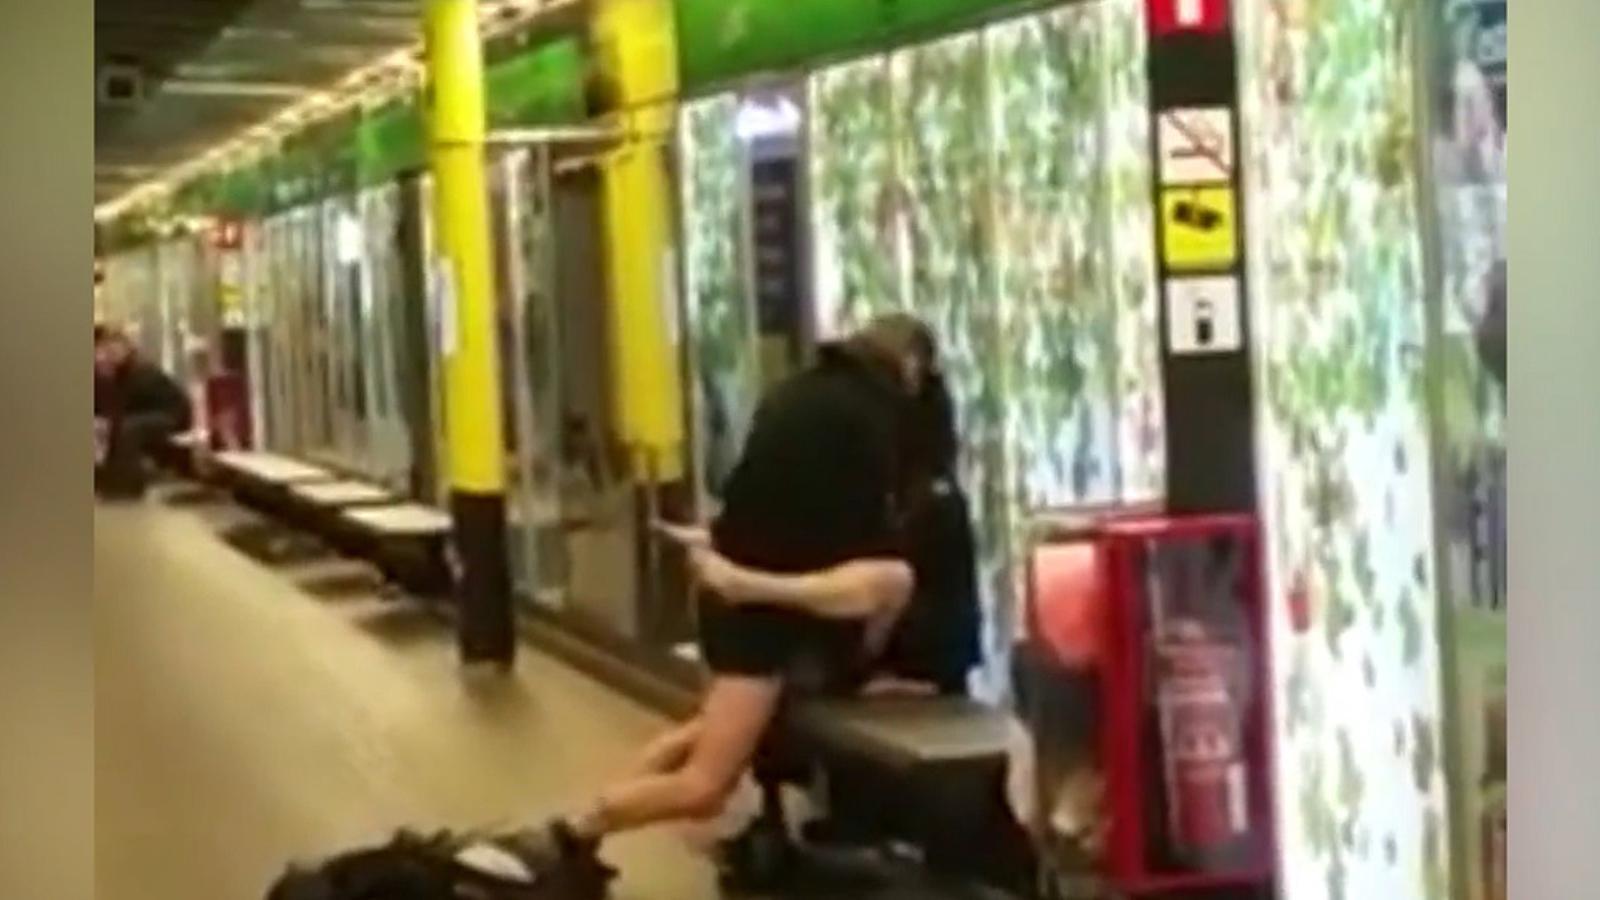 TMB obre una investigació per identificar la parella que practicava sexe al metro